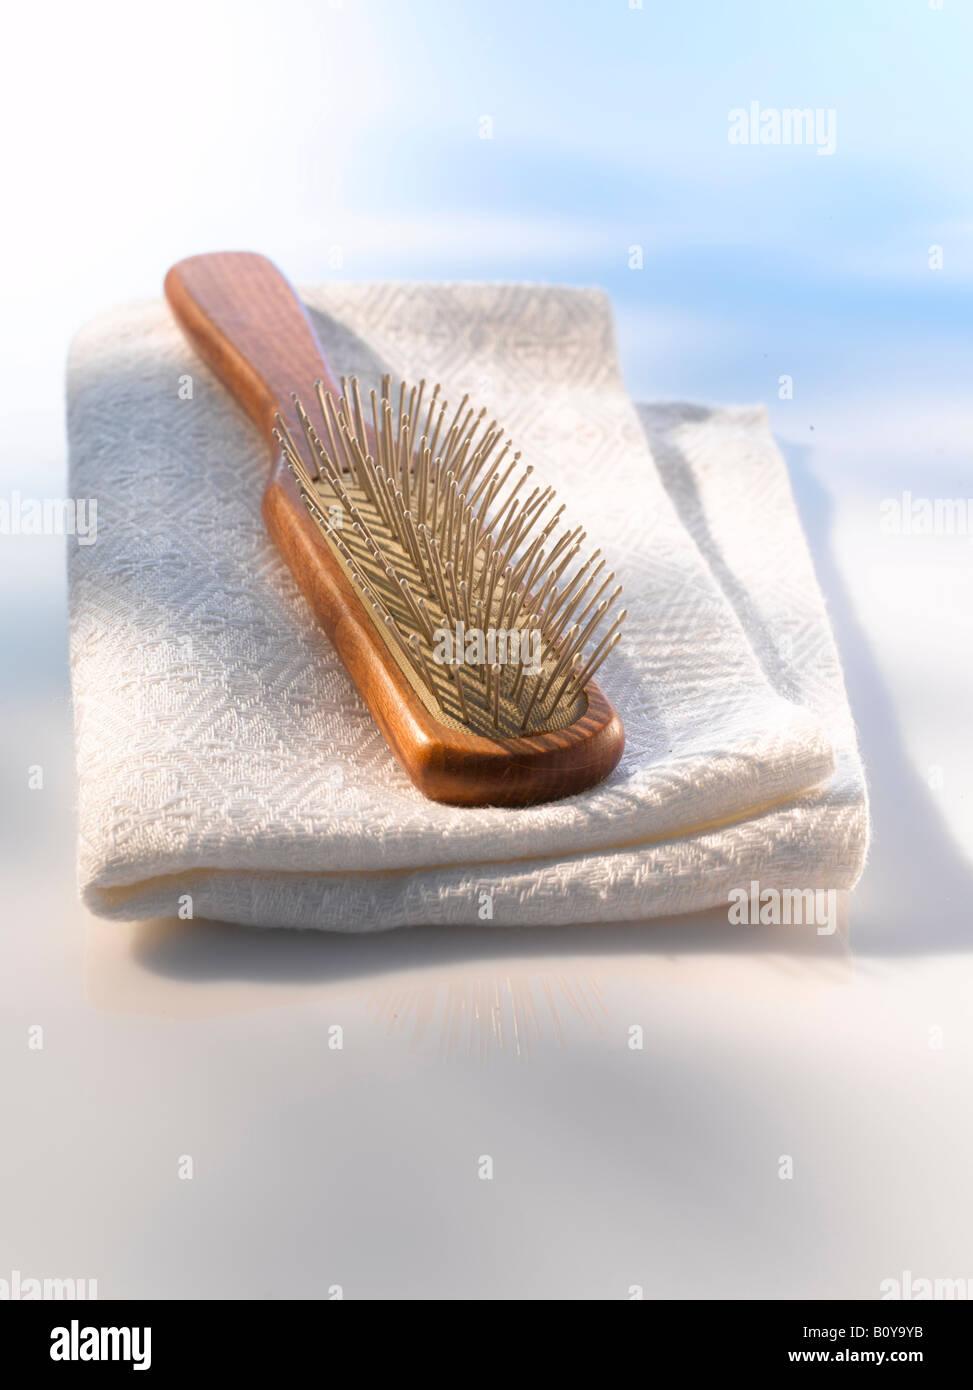 Hairbrush on white towel, close up - Stock Image